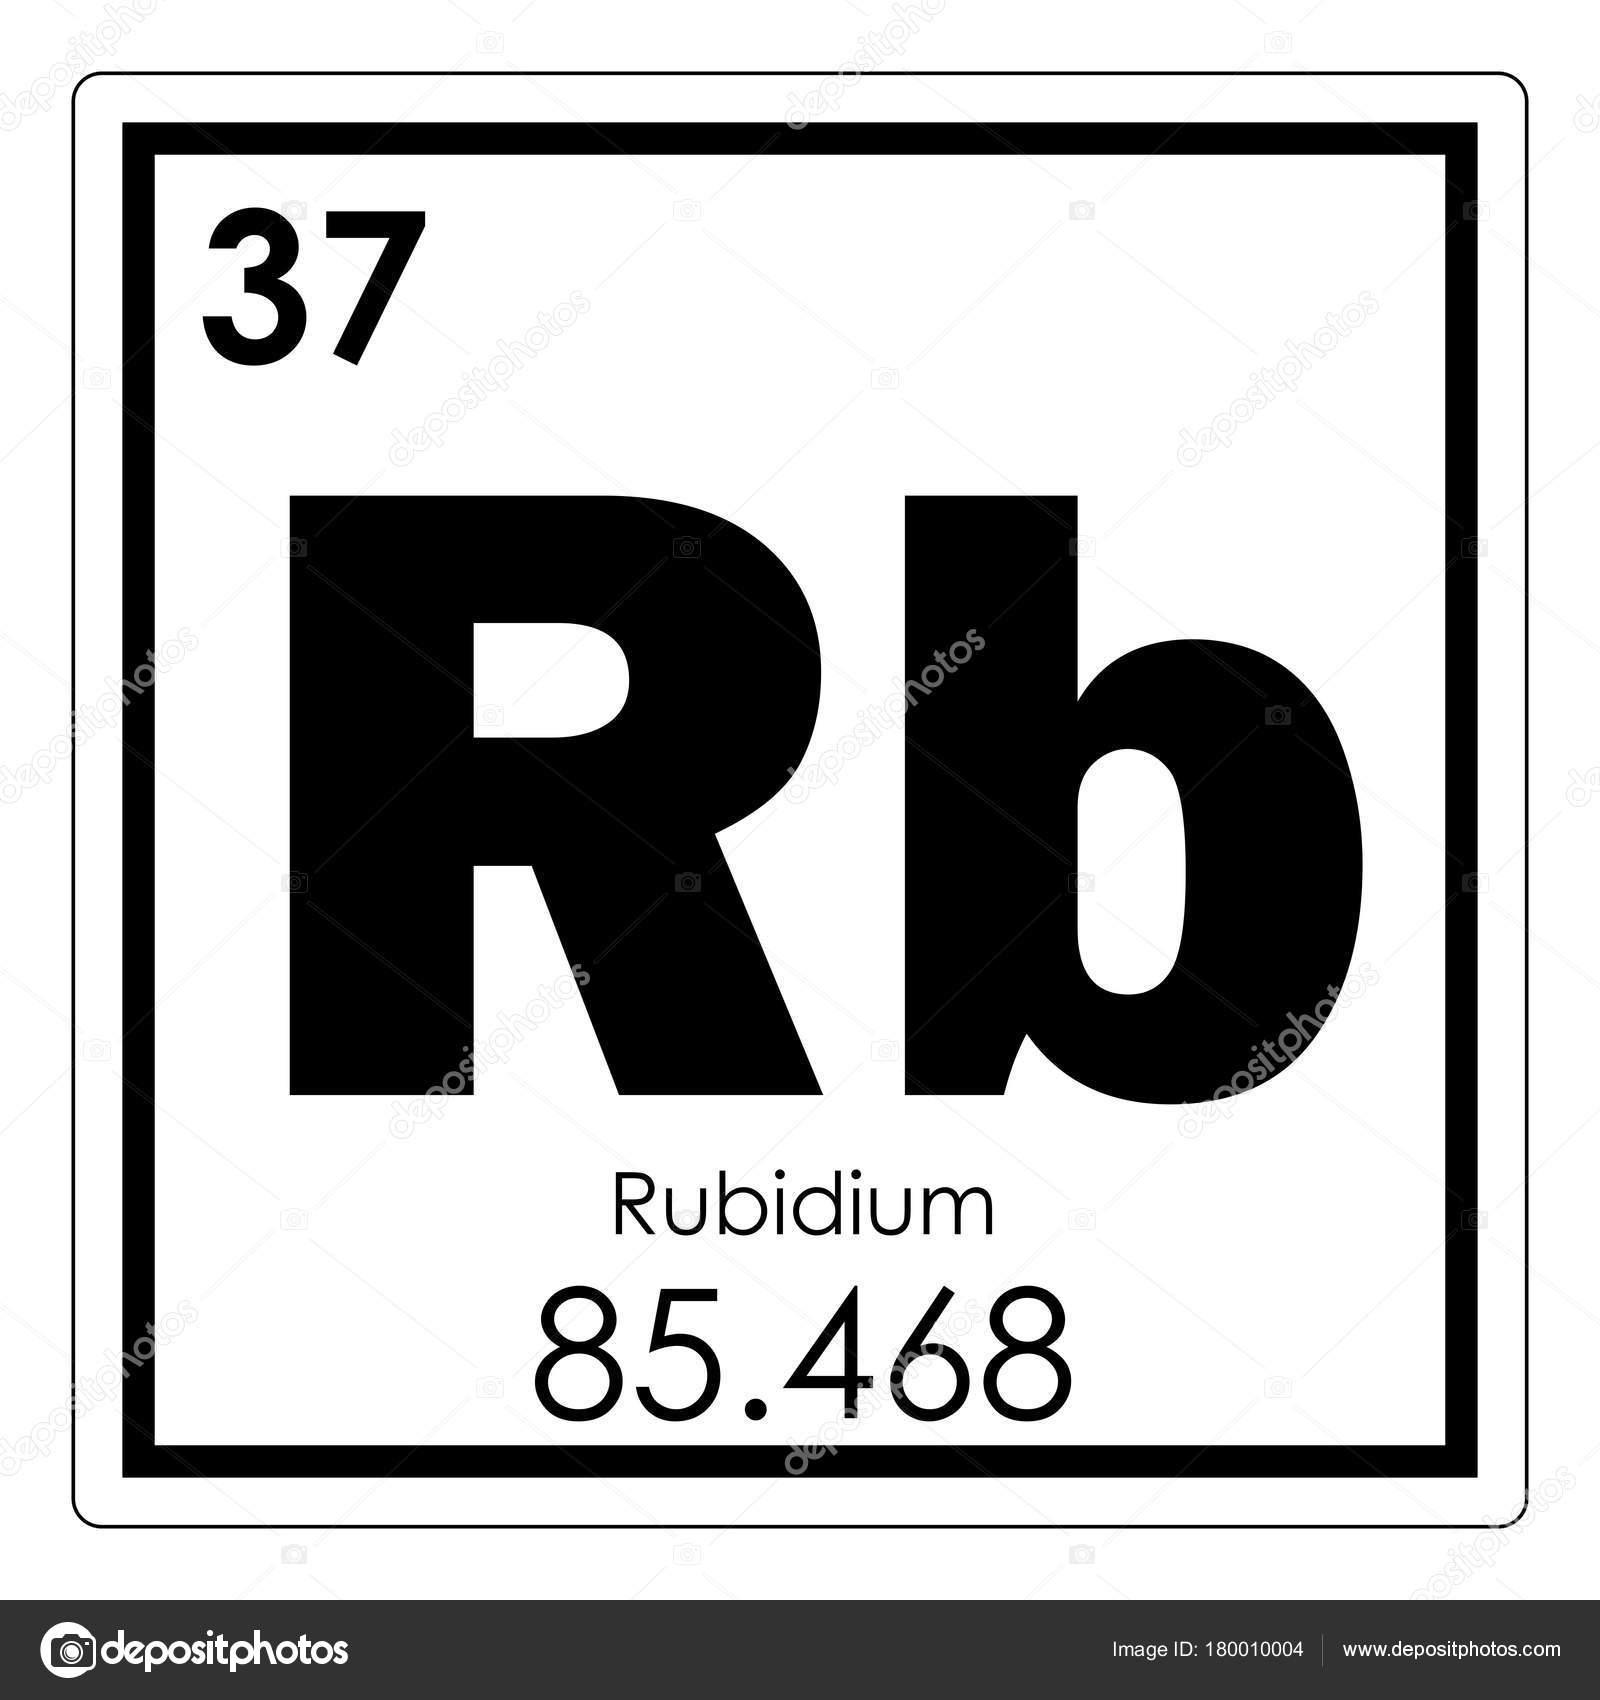 Elemento qumico del rubidio fotos de stock tony4urban 180010004 smbolo de la ciencia de rubidio elemento qumico tabla peridica foto de tony4urban urtaz Image collections